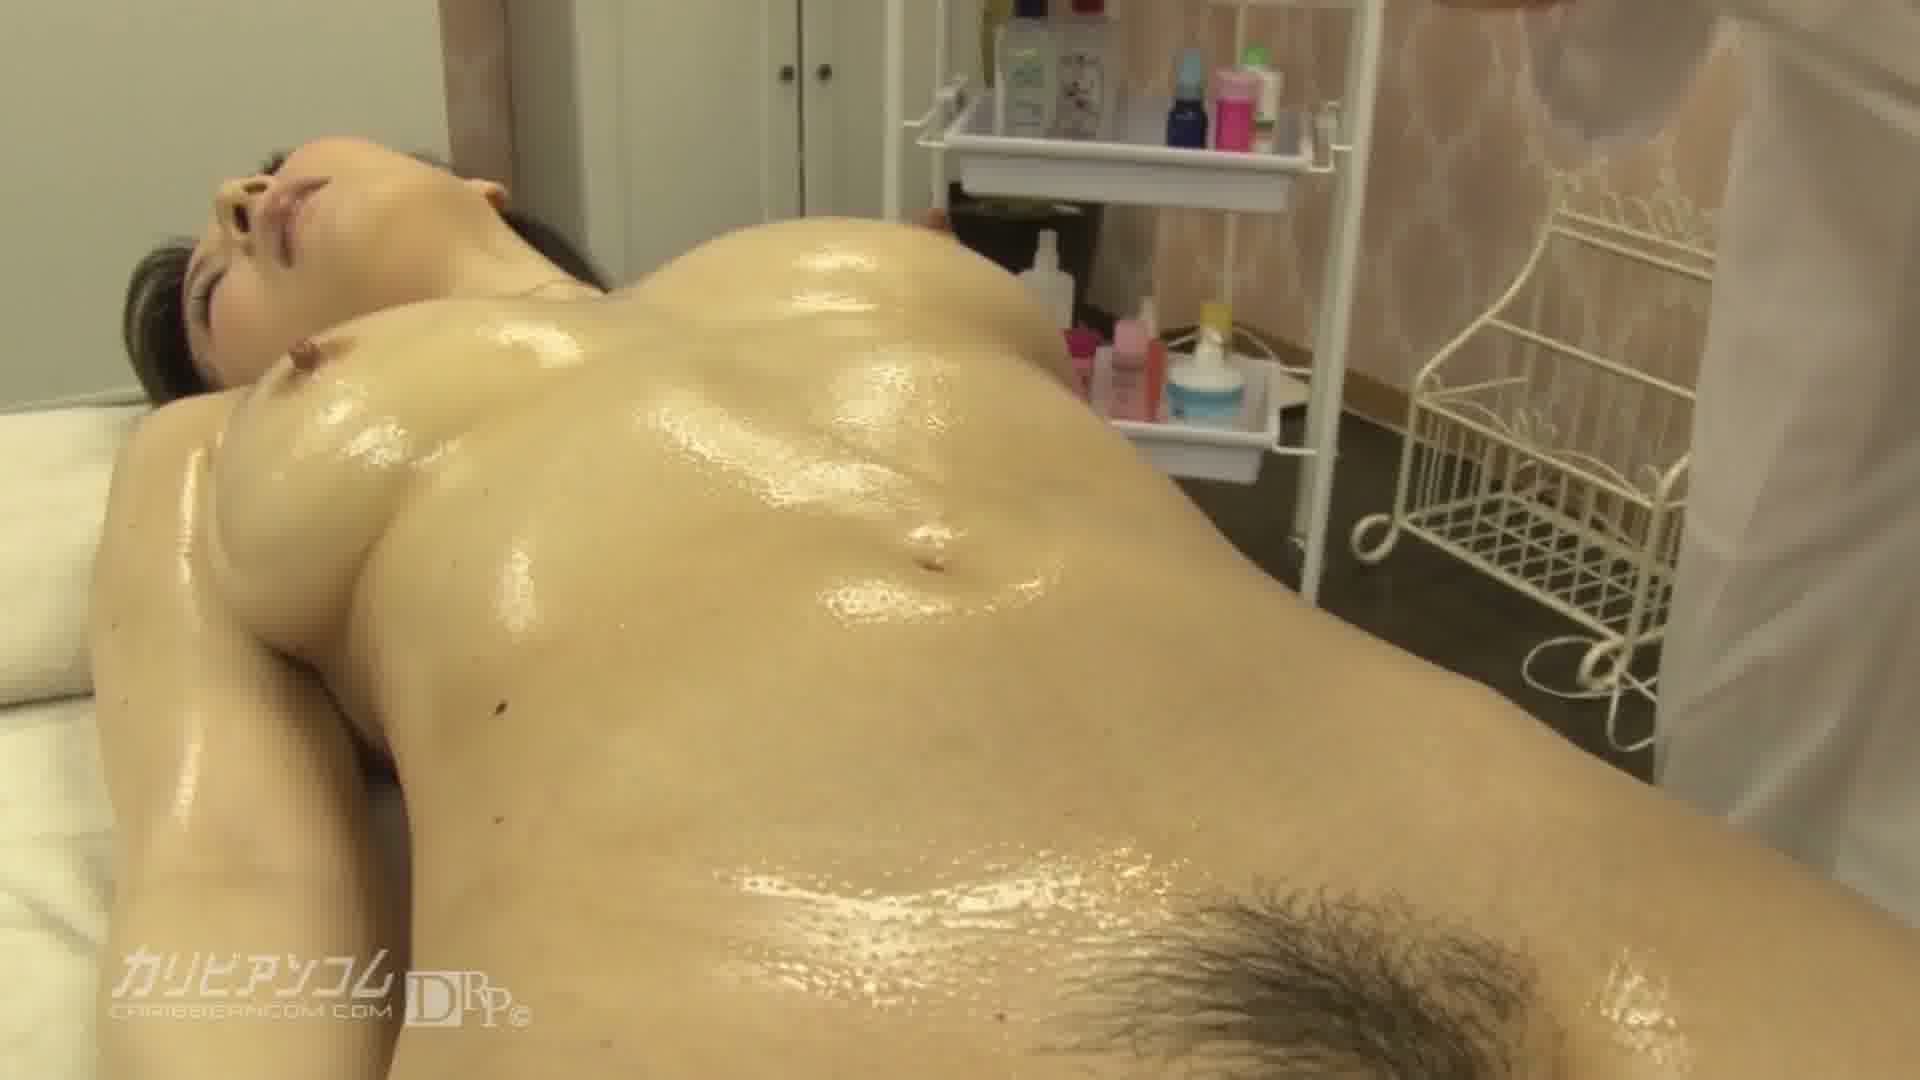 極上セレブ婦人 Vol.12 - 大橋ひとみ【巨乳・パイズリ・潮吹き】